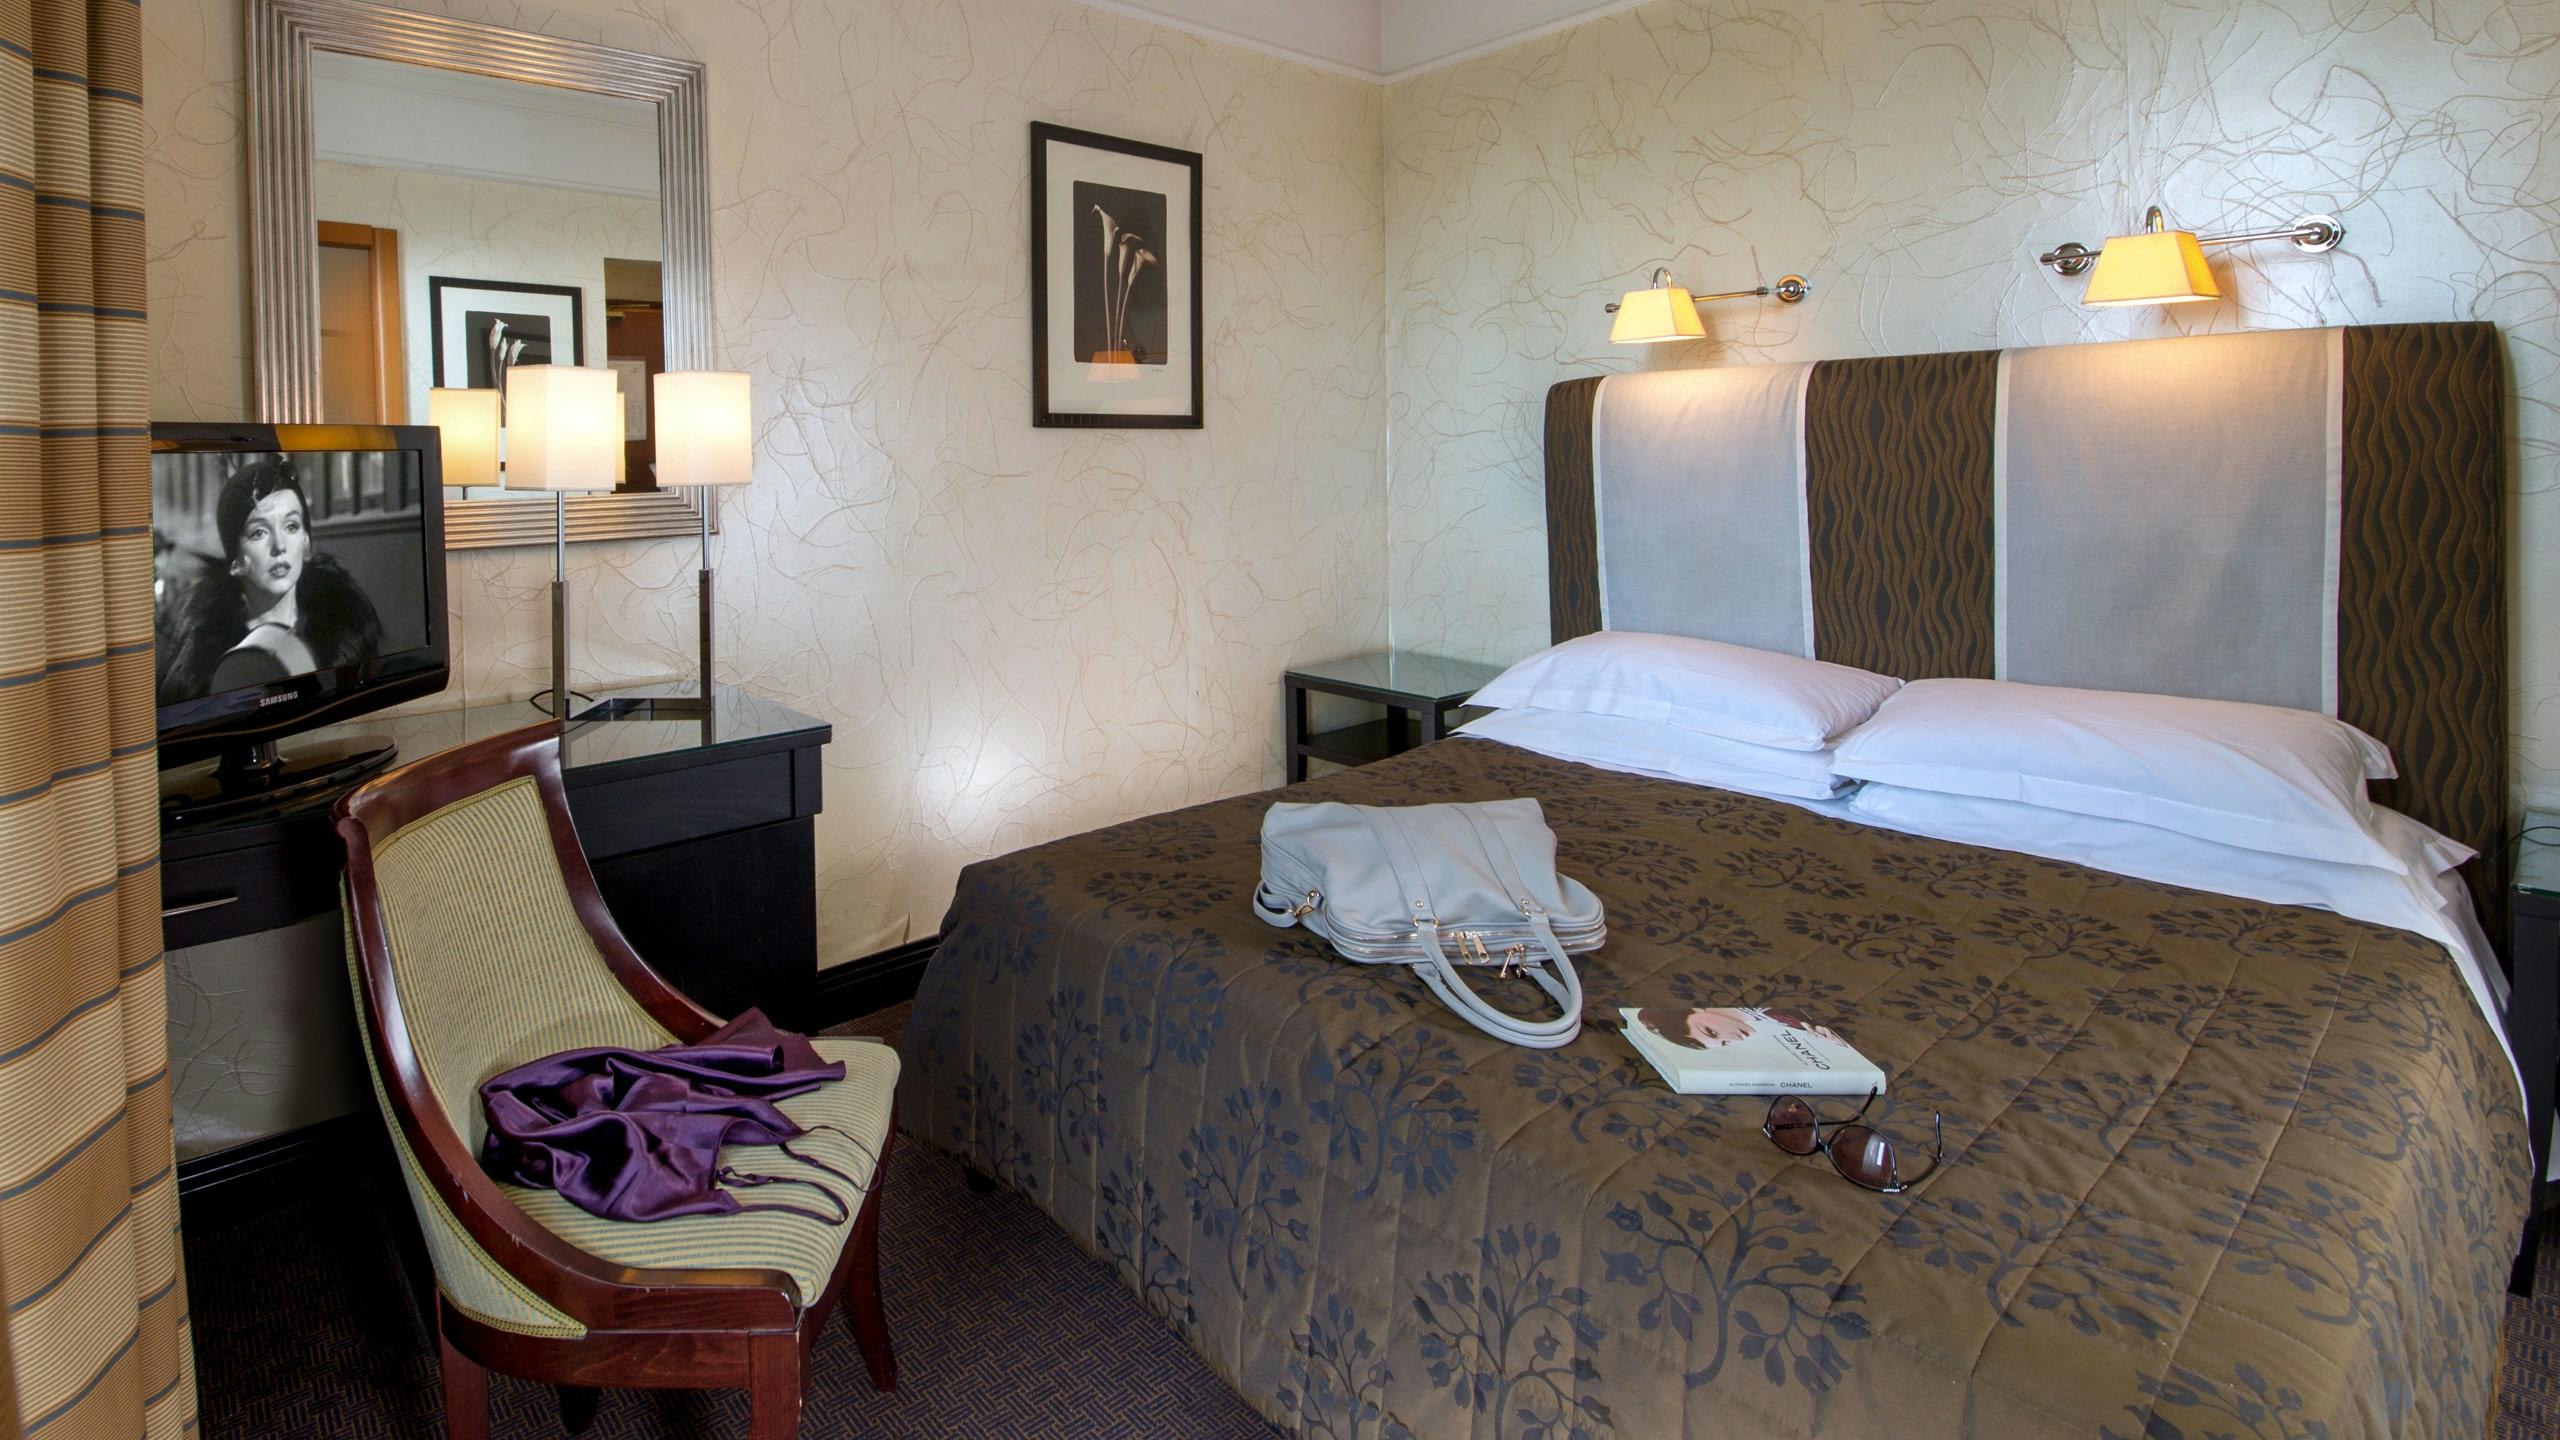 hotel-panama-rom-zimmer-standard01